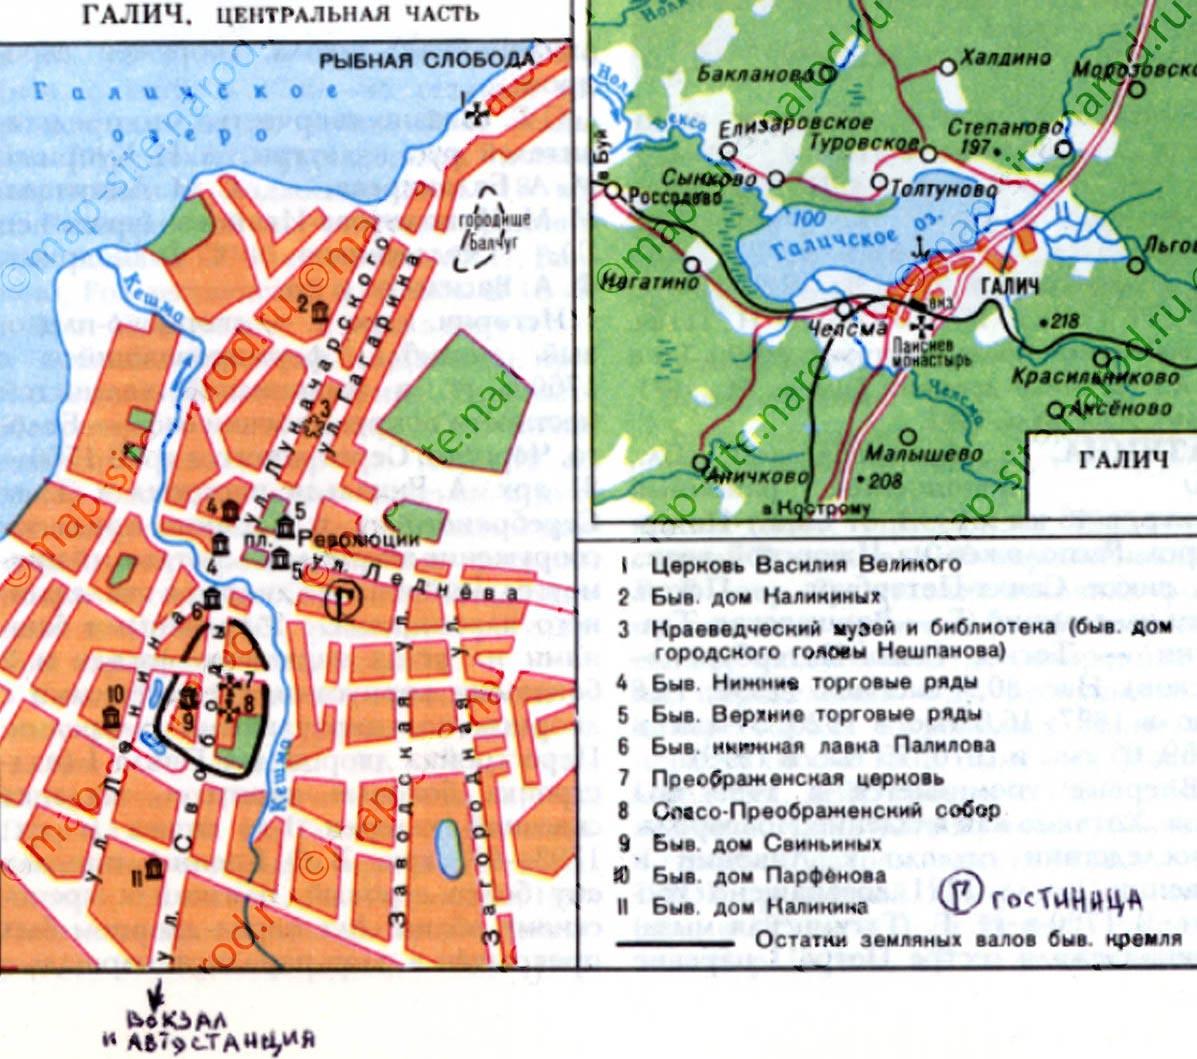 На нашем сайте вы найдёте самую подробную карту города Гатчина и гатчинского района.